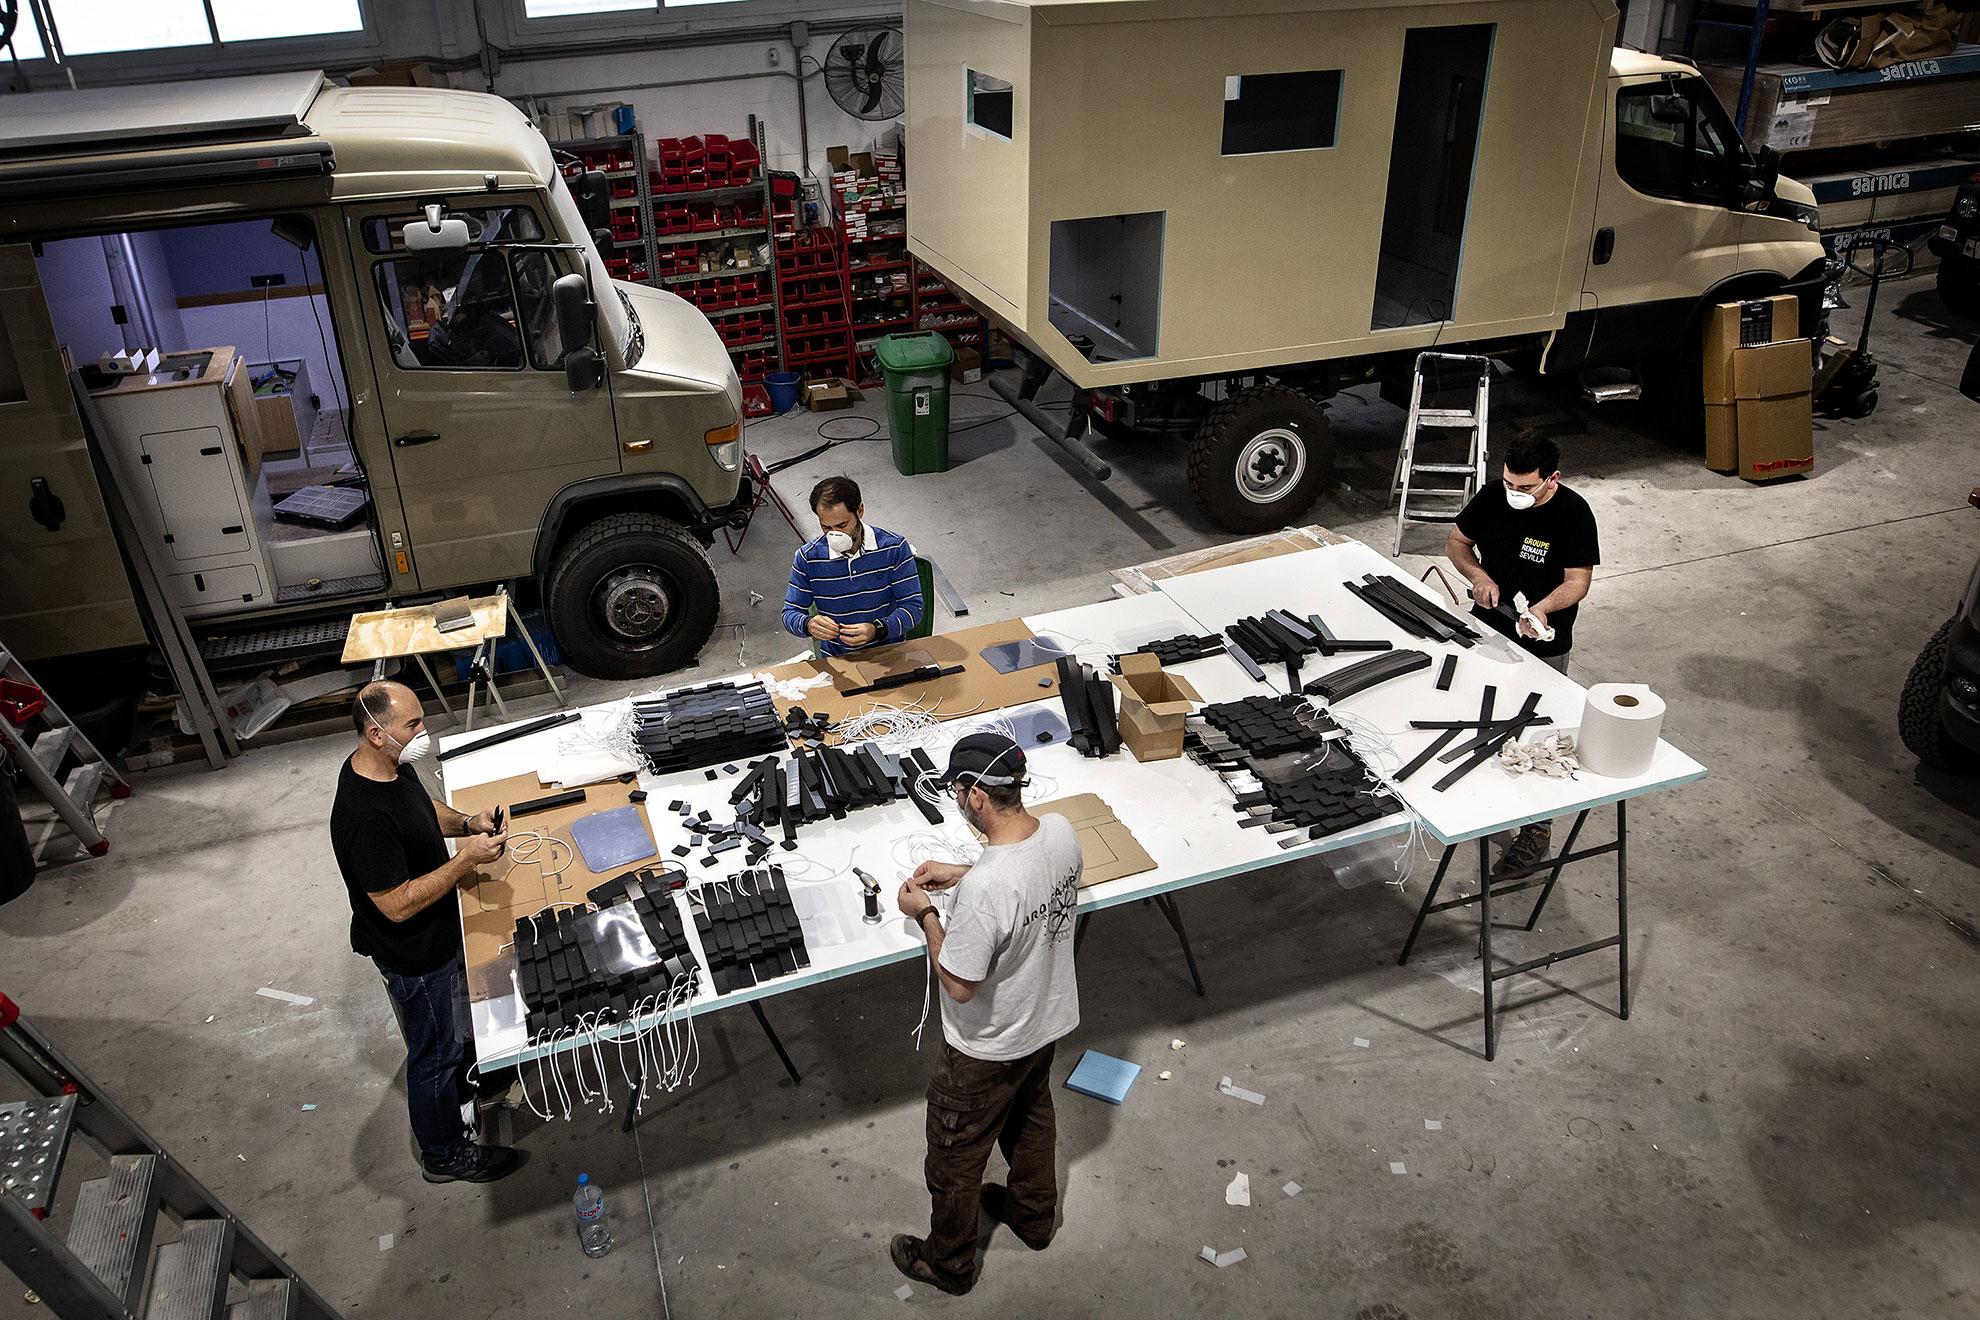 José Luis es propietario de un taller de camperización de vehículos en Sevilla. Comenzó a fabricar algunas máscaras para un par de amigos sanitarios que trataban con escasos medios de protección a enfermos de COVID19. Hoy ya está produciendo, altruistamente, más de 300 máscaras diarias. En los talleres de Uro-Camper trabajan de 8.00 a 15.00 en sus pedidos de empresa. De 15.00 a 20.00 vienen los amigos Manolo, Enrique, Vicente y Antonio. Juntos fabrican las viseras protectoras que luego adjudican, según la emergencia, a las peticiones desesperadas de hospitales, residencias, policías... Han aprendido que tienen que entregarlas directamente a los médicos y enfermeros para que tengan uso en los hospitales. Al principio las mandaban directamente a la gerencia de algunos hospitales y las máscaras acababan acumulándose en algún cuarto sin ser usadas a causa de burocracias rígidas. A pesar de la calidad de materiales, la urgencia del momento ha imposibilitado tramitar a tiempo la Certificación Europea de las máscaras. Mientras muchos sanitarios se enfrentaban al coronavirus sin medios de protección, las máscaras de José Luis se olvidaban en algún cuarto de hospital. España es el país del mundo con mayor número de personal sanitario infectado por coronavirus, con cerca de 6.000 contagios a día de hoy.